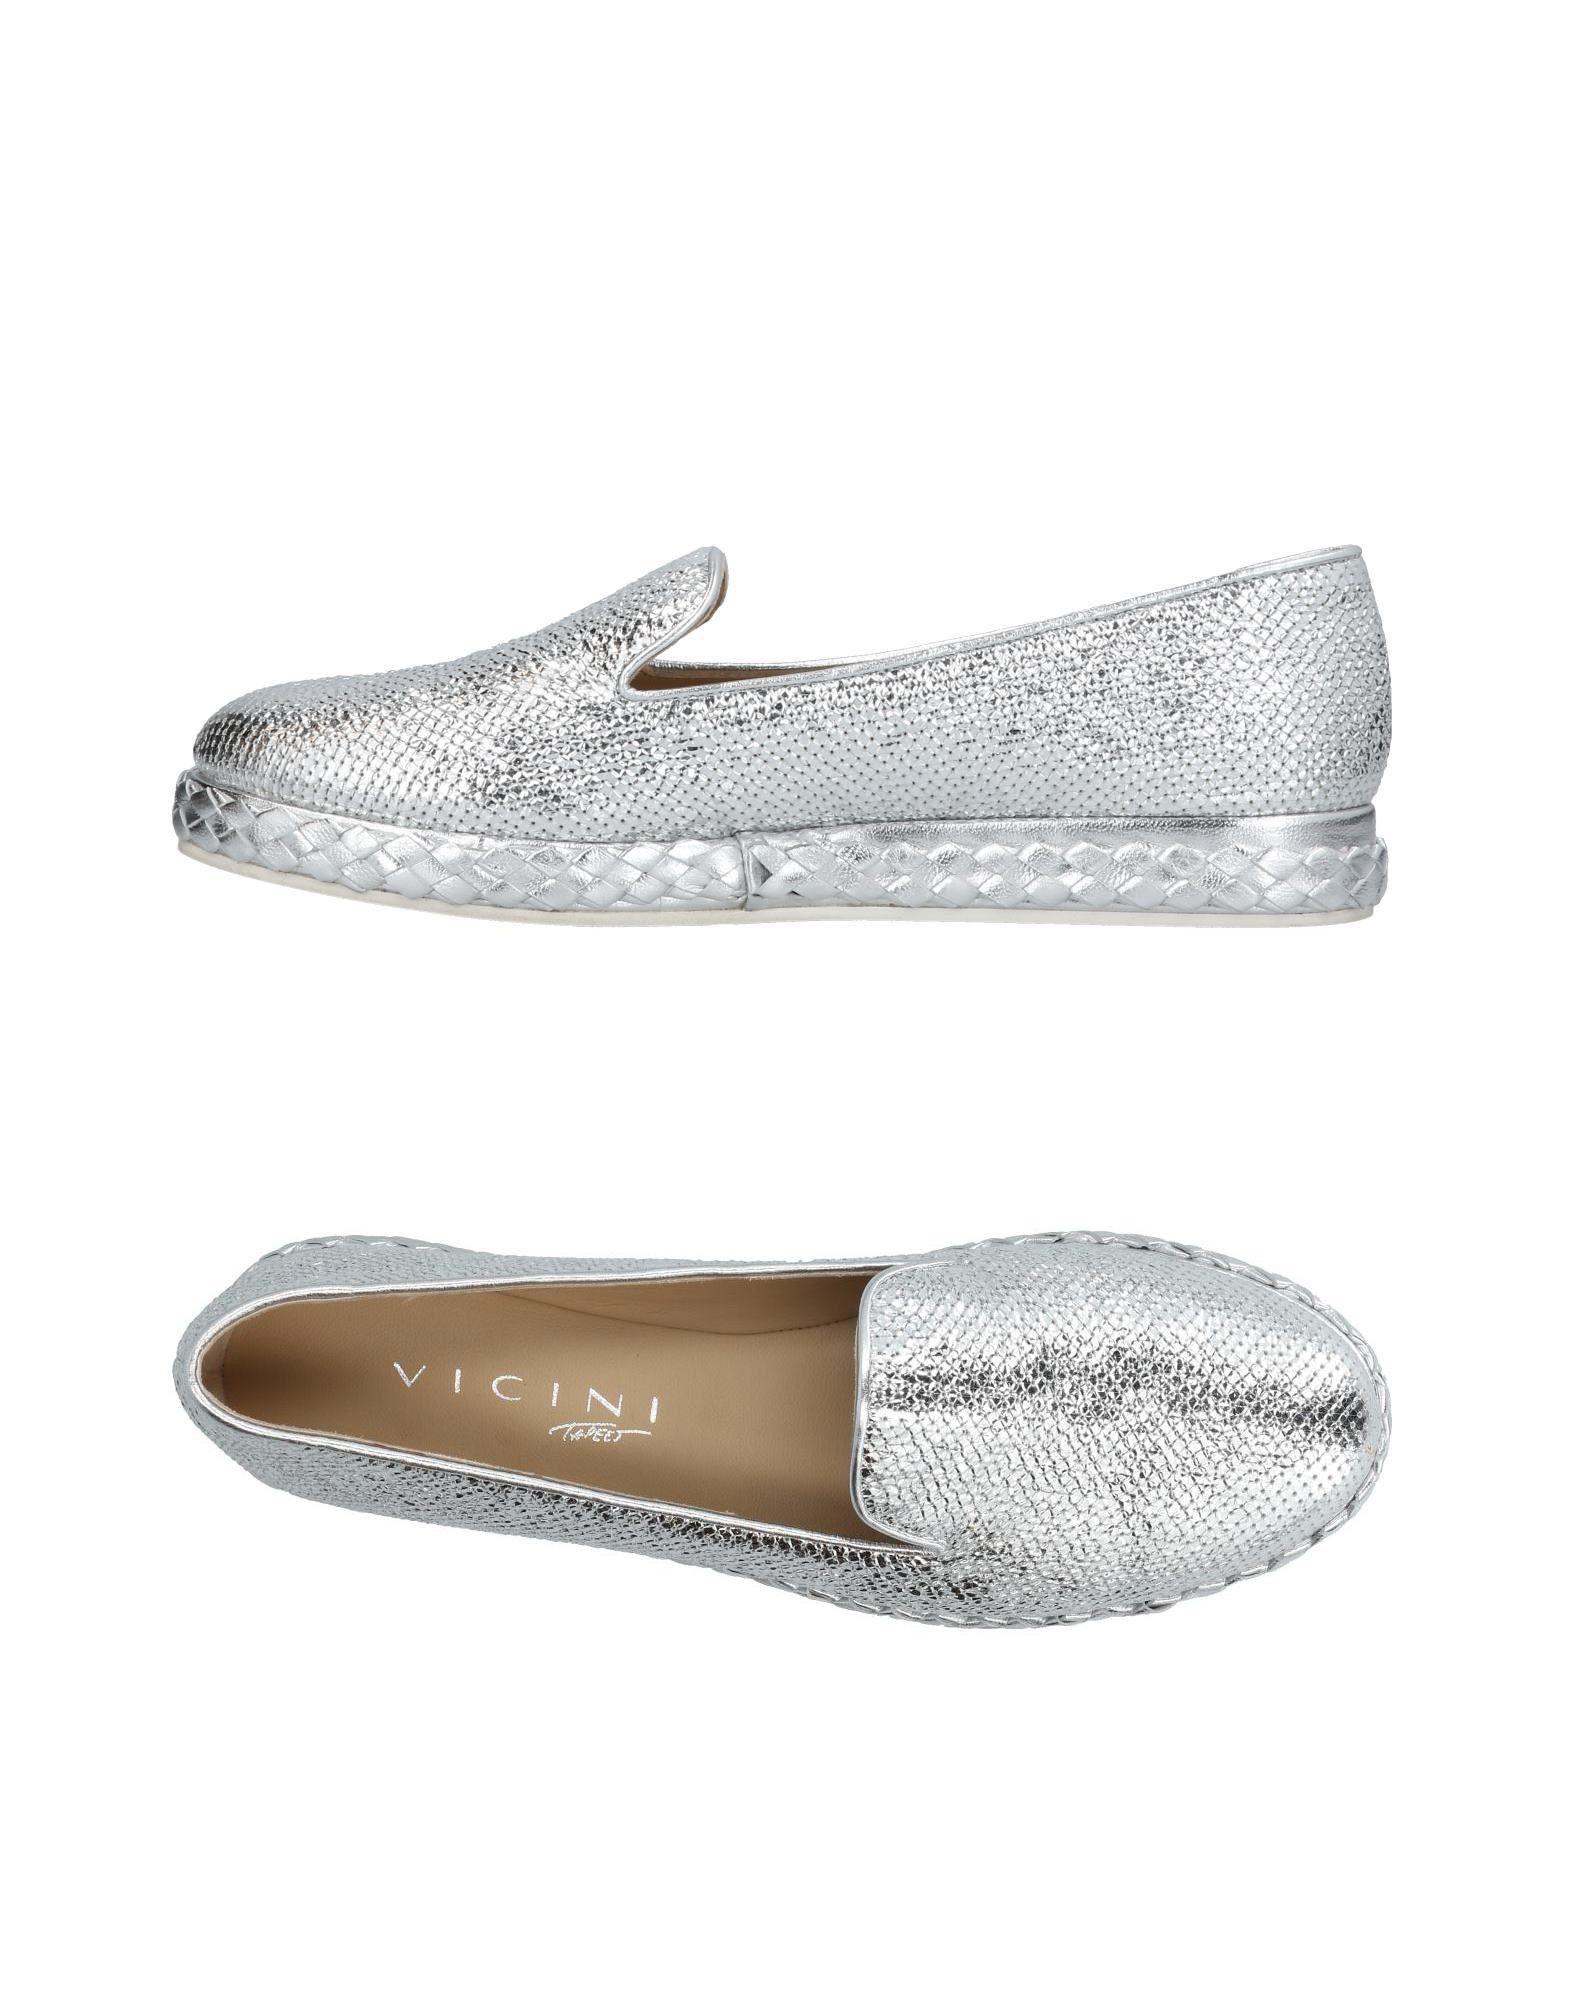 Vicini Tapeet Mokassins Damen  11419497FU Gute Qualität beliebte Schuhe